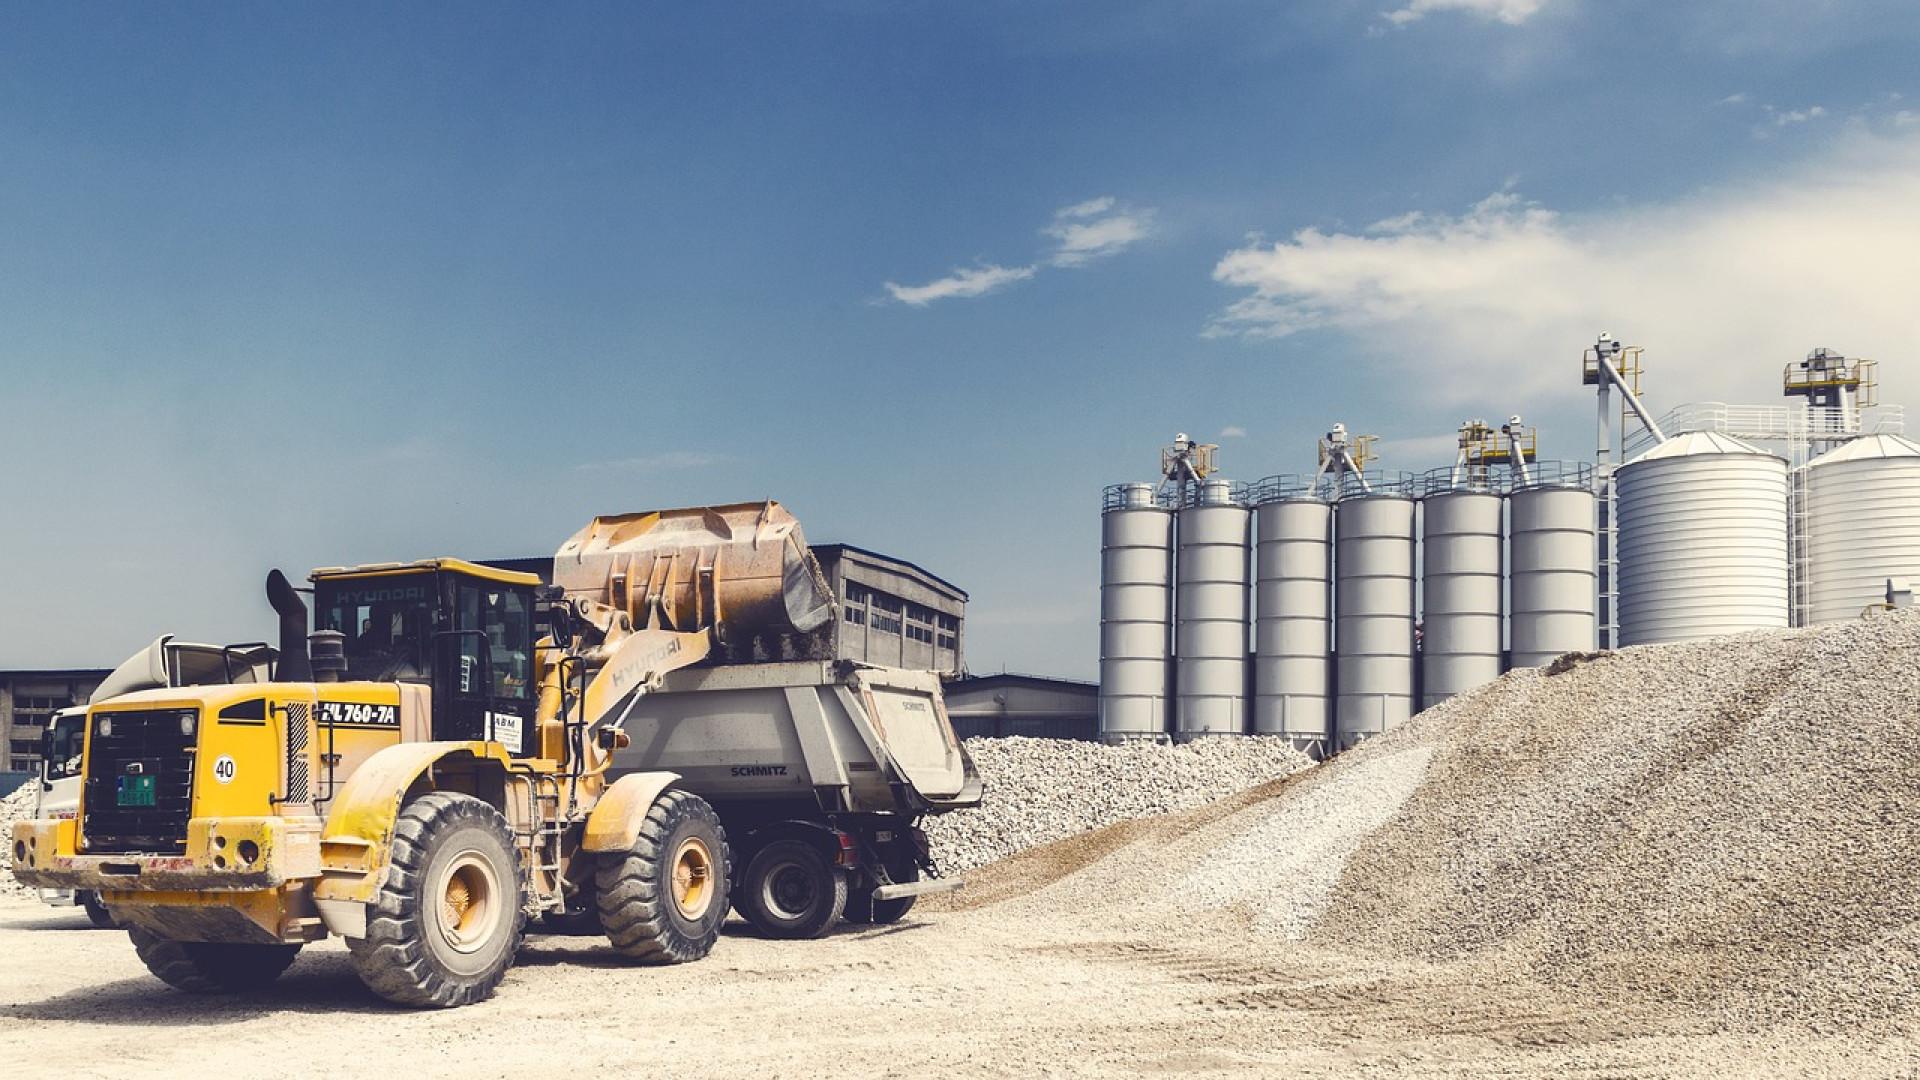 Des installations complètes pour le silo à grains